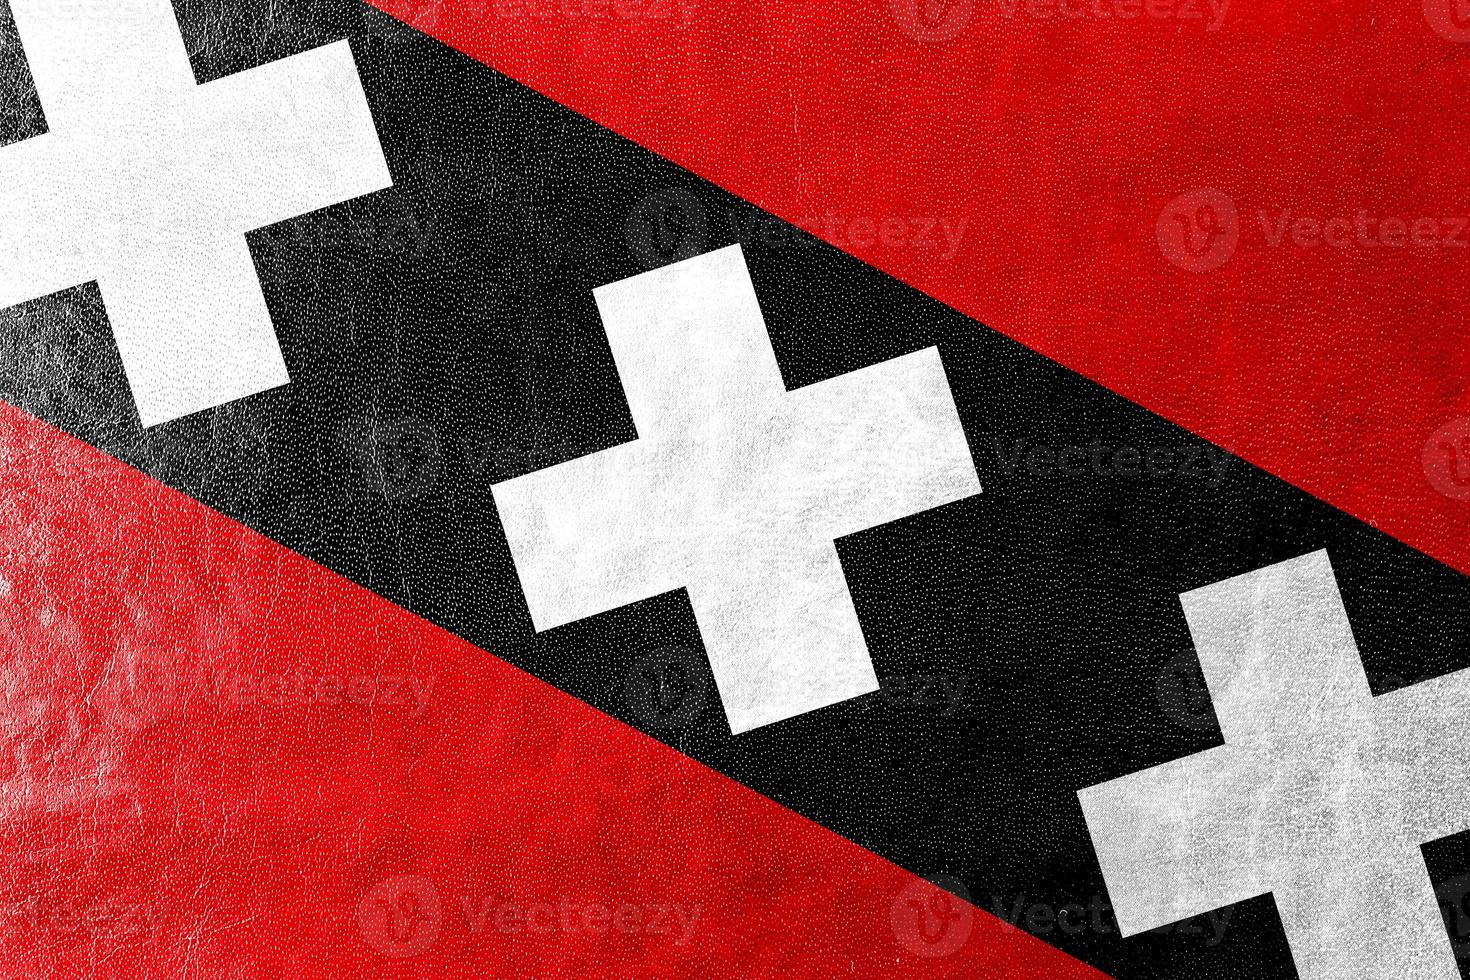 Bandeira da cidade de Amsterdã, pintada na textura de couro foto